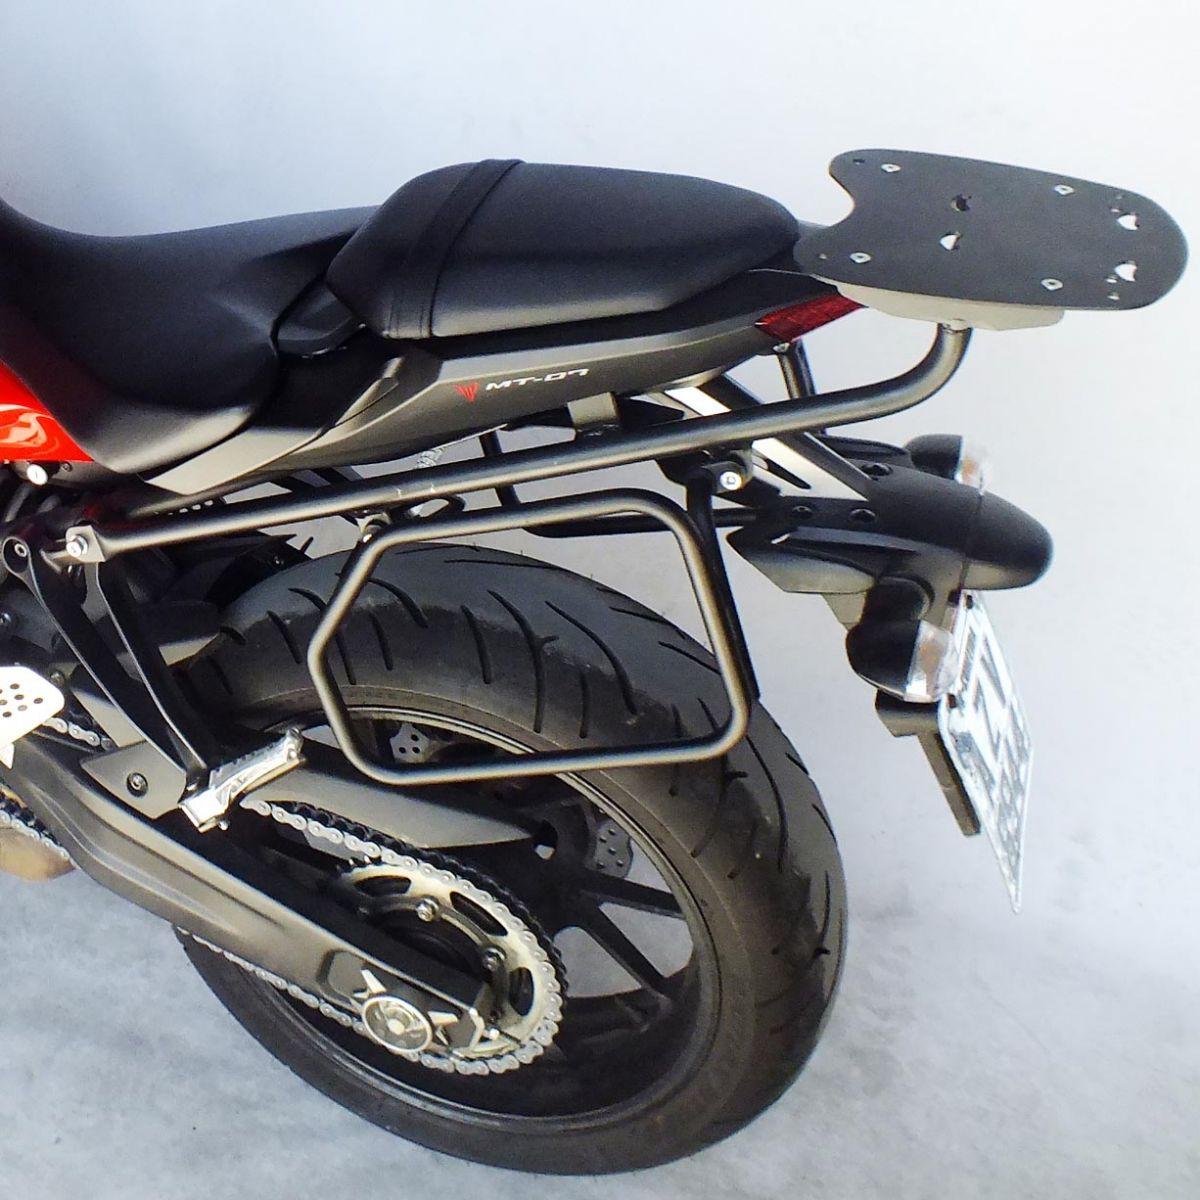 Afastador de Alforje Tubular para Yamaha MT07 2015 em diante - Scam